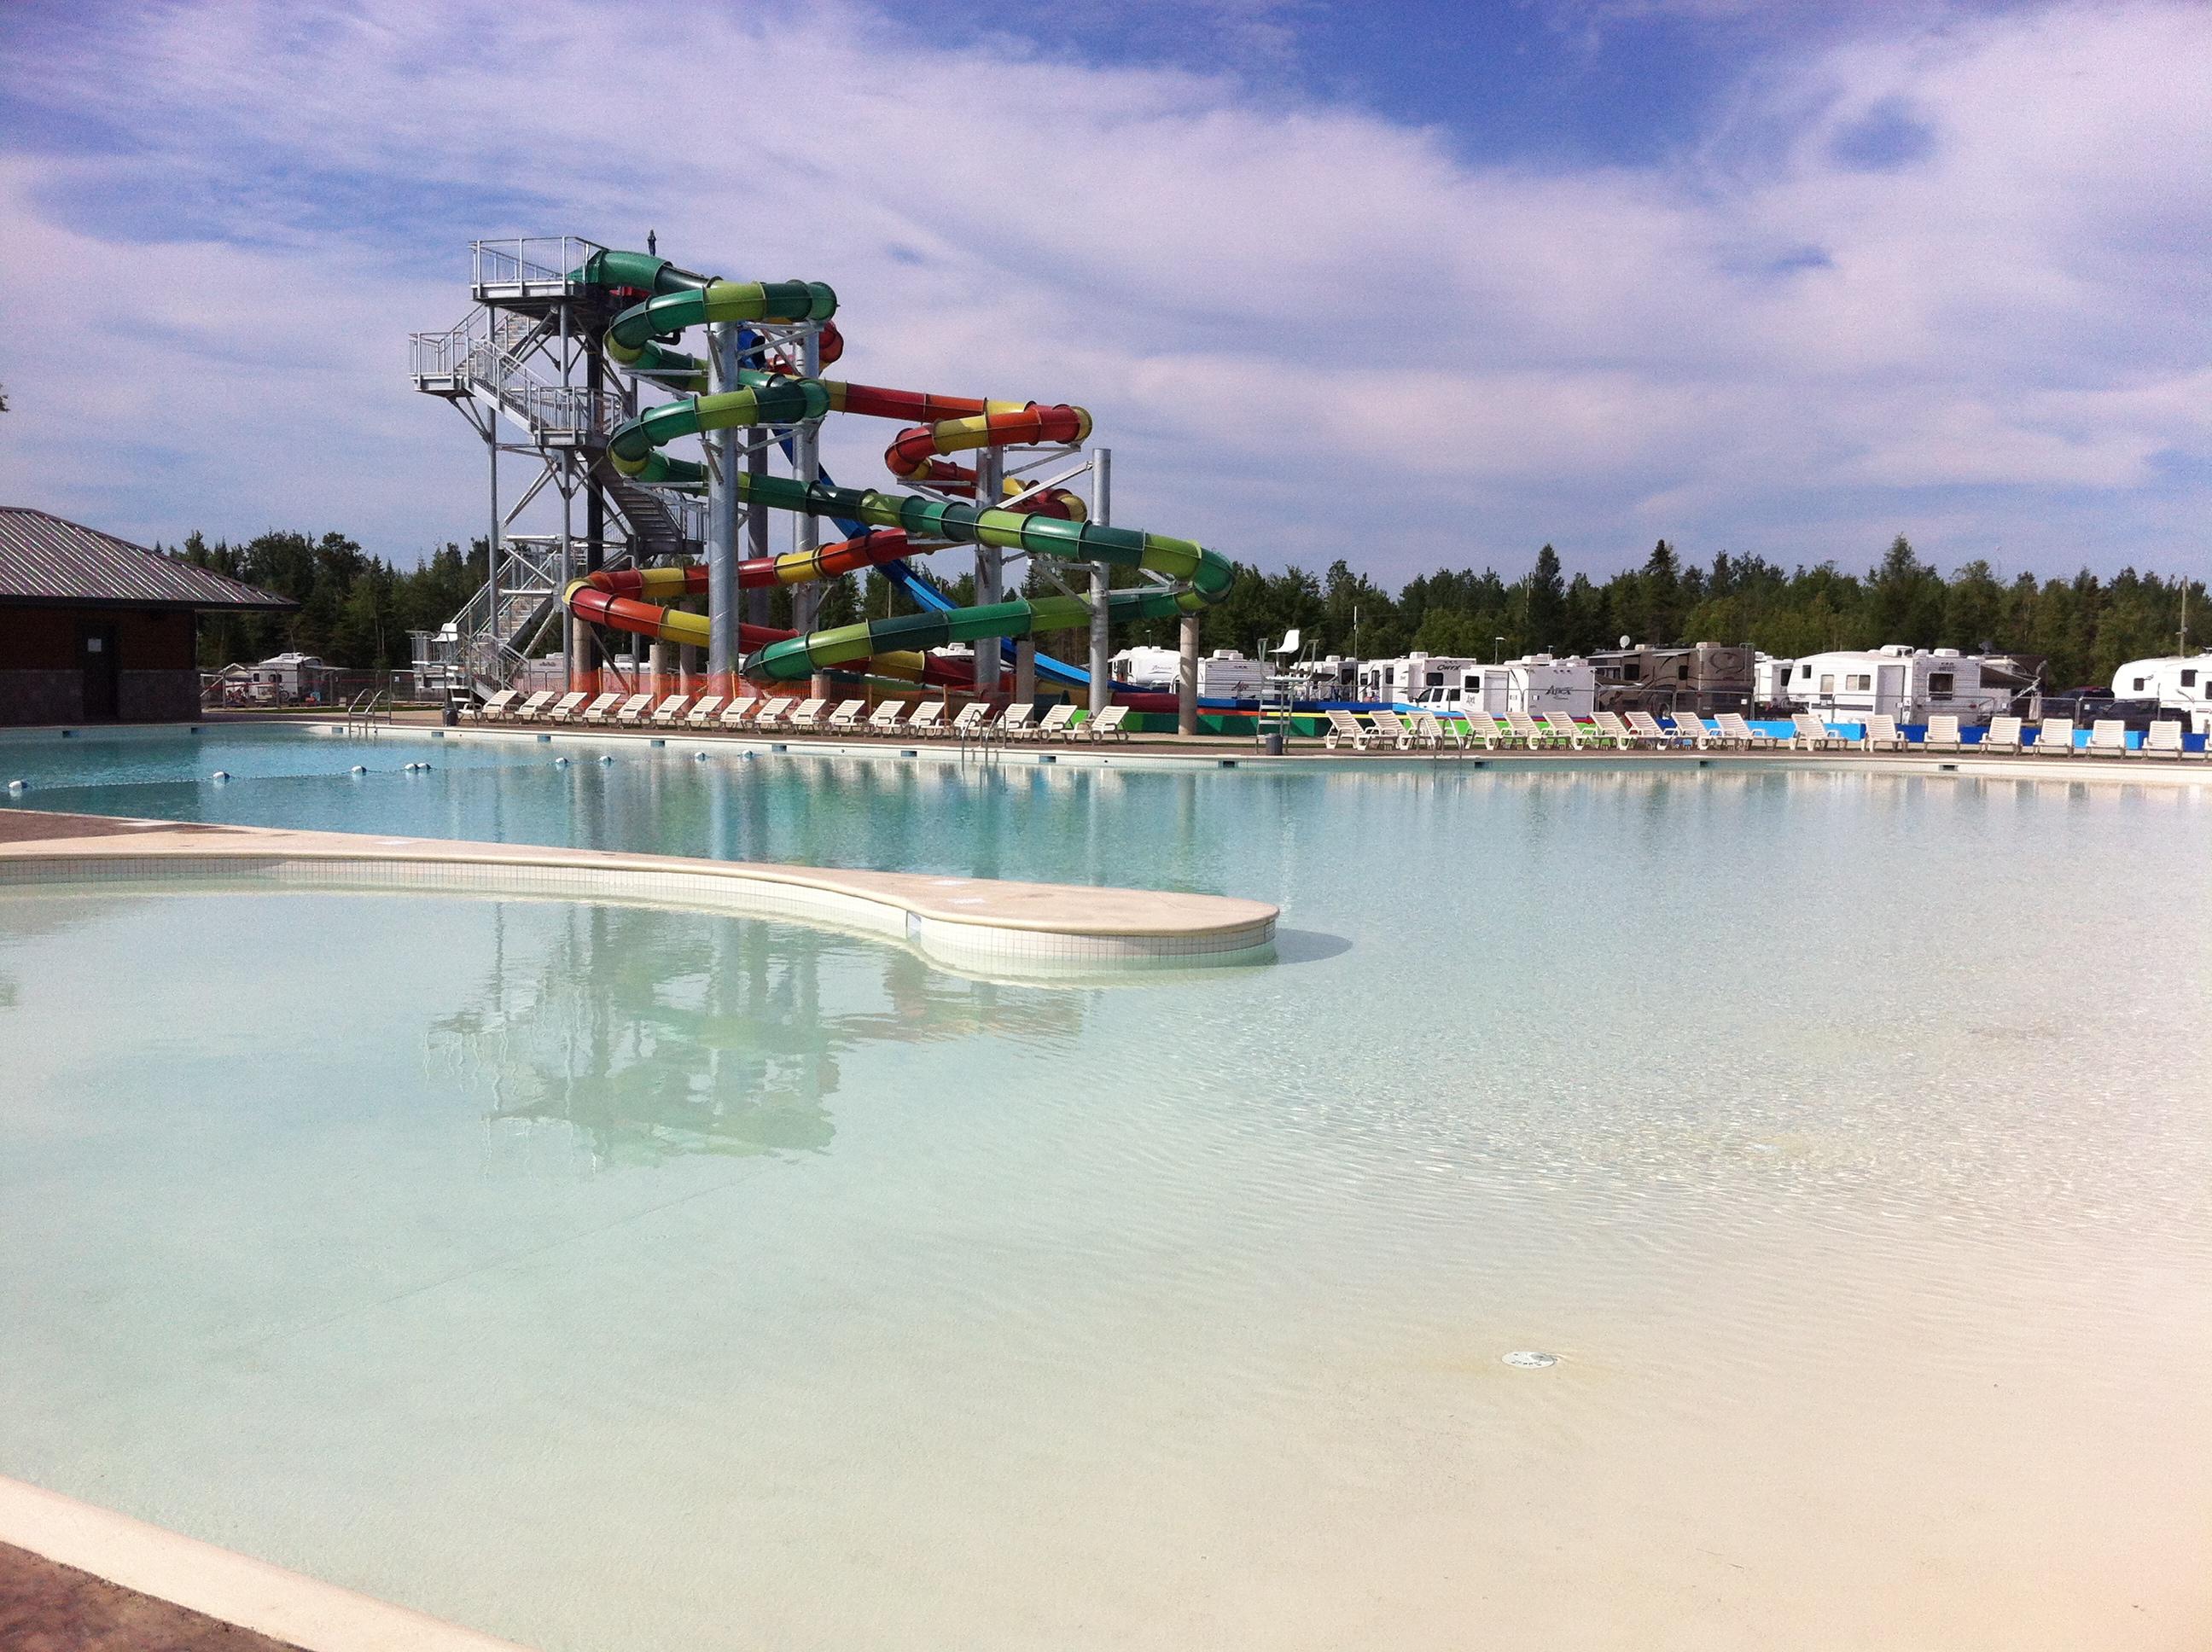 Campings et parcs aquatiques font bon m nage camping - Camping lac aiguebelette avec piscine ...